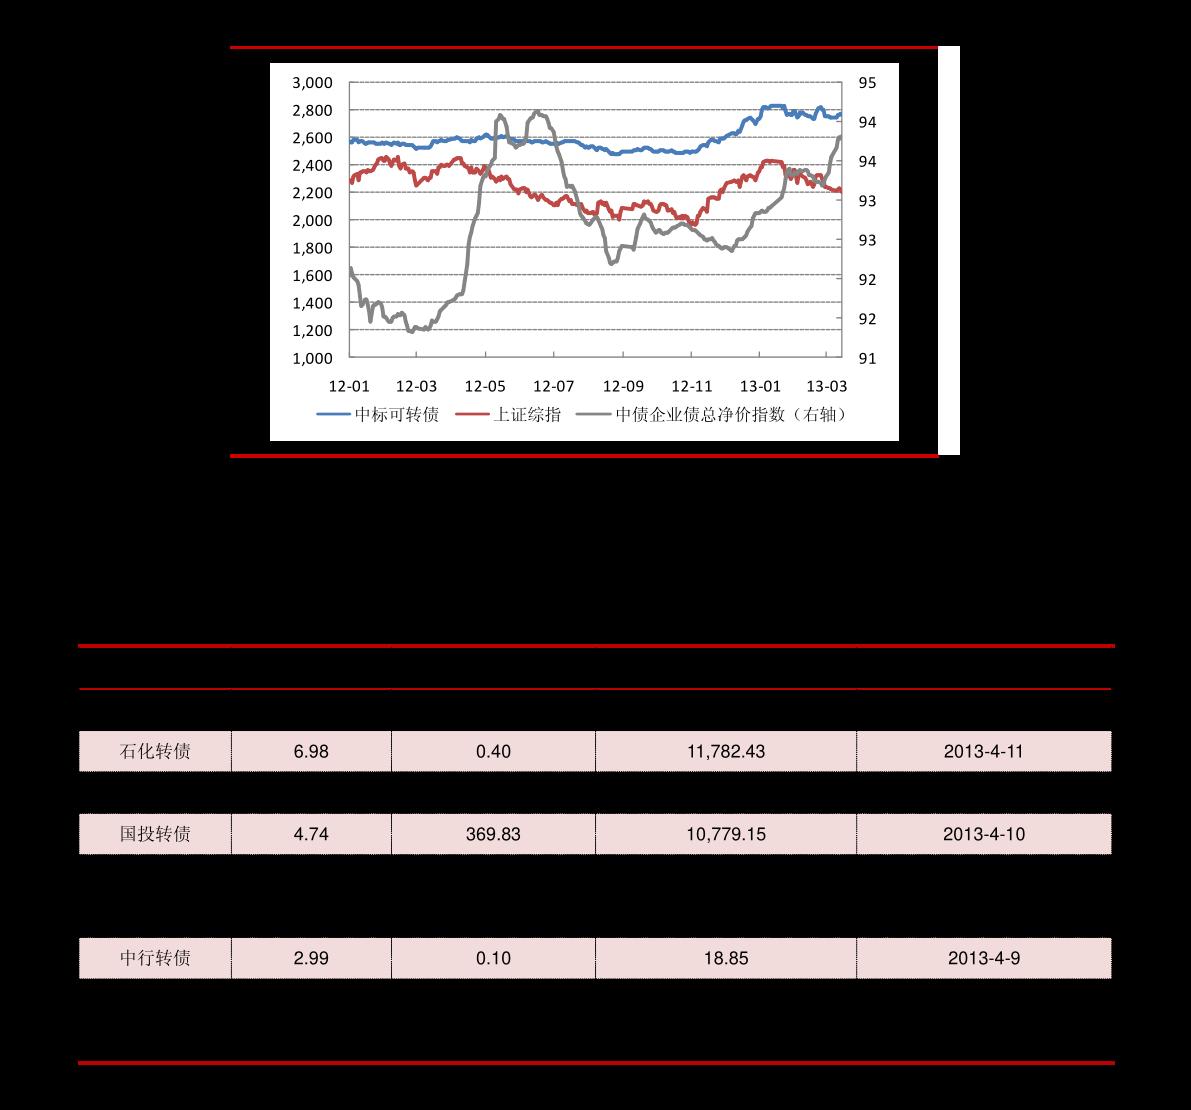 国盛雷火电竞平台-固定收益点评:信用加速收缩,奠定债市走强格局-210113